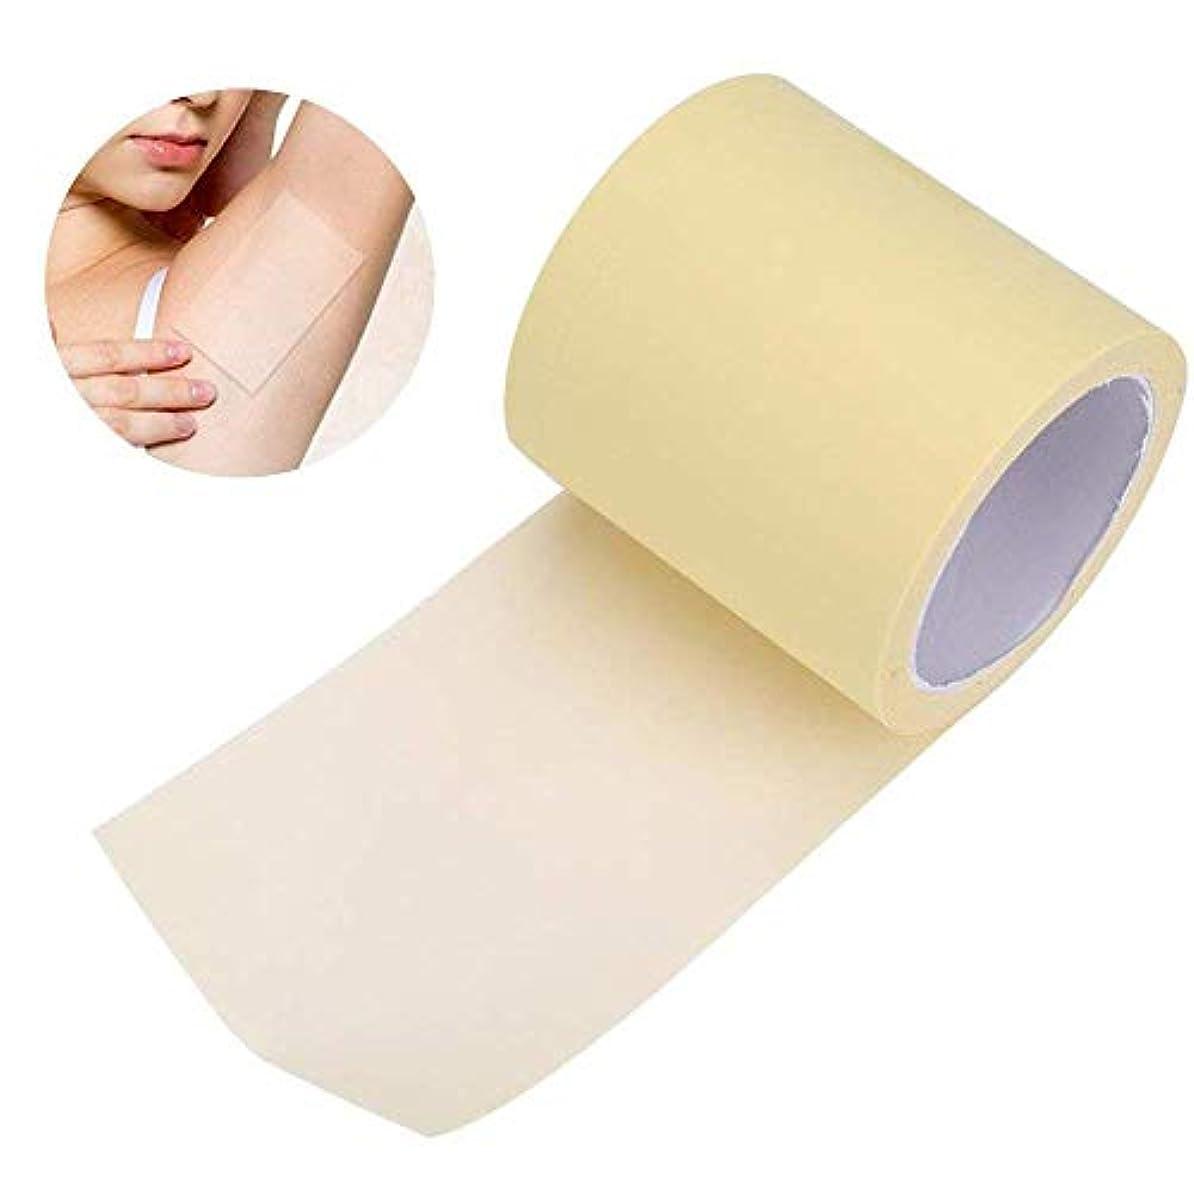 後者ラジウムメキシコcoraly 汗止めパッド 脇の下汗パッド 皮膚に優しい 脇の汗染み防止 抗菌加工 超薄型 透明 男性/女性対応 (タイプ1)